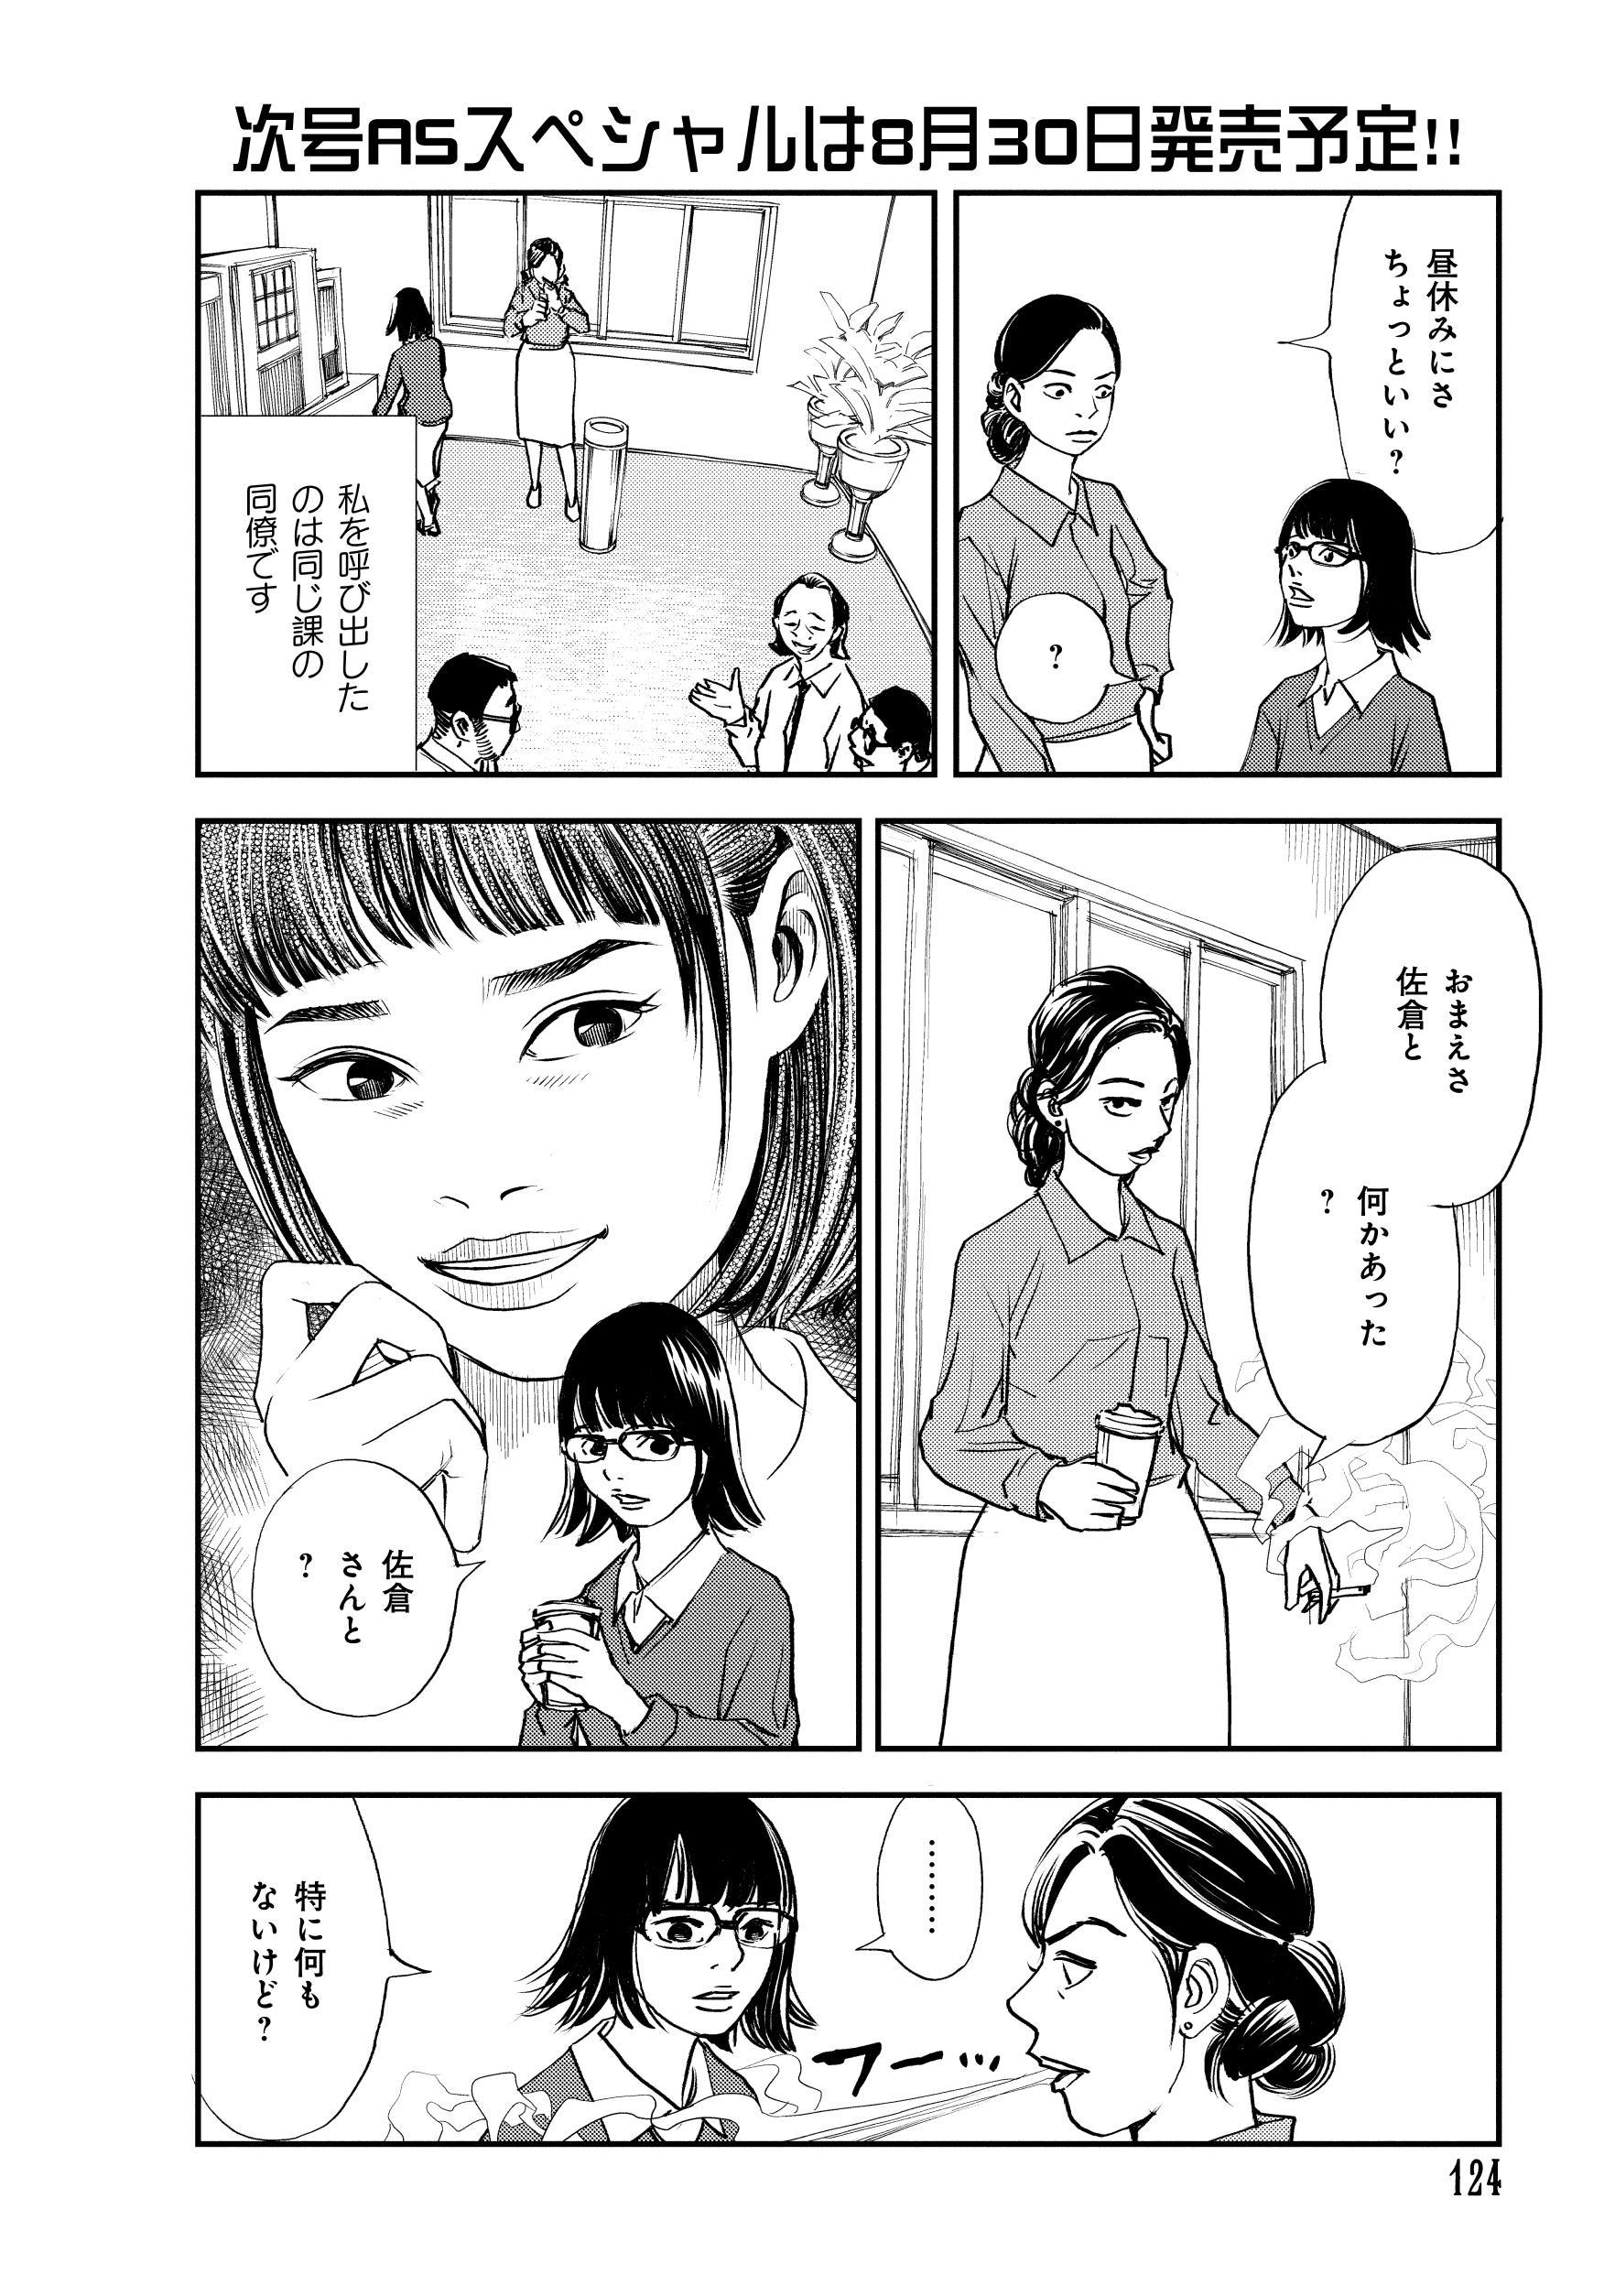 原作特集_124.jpg